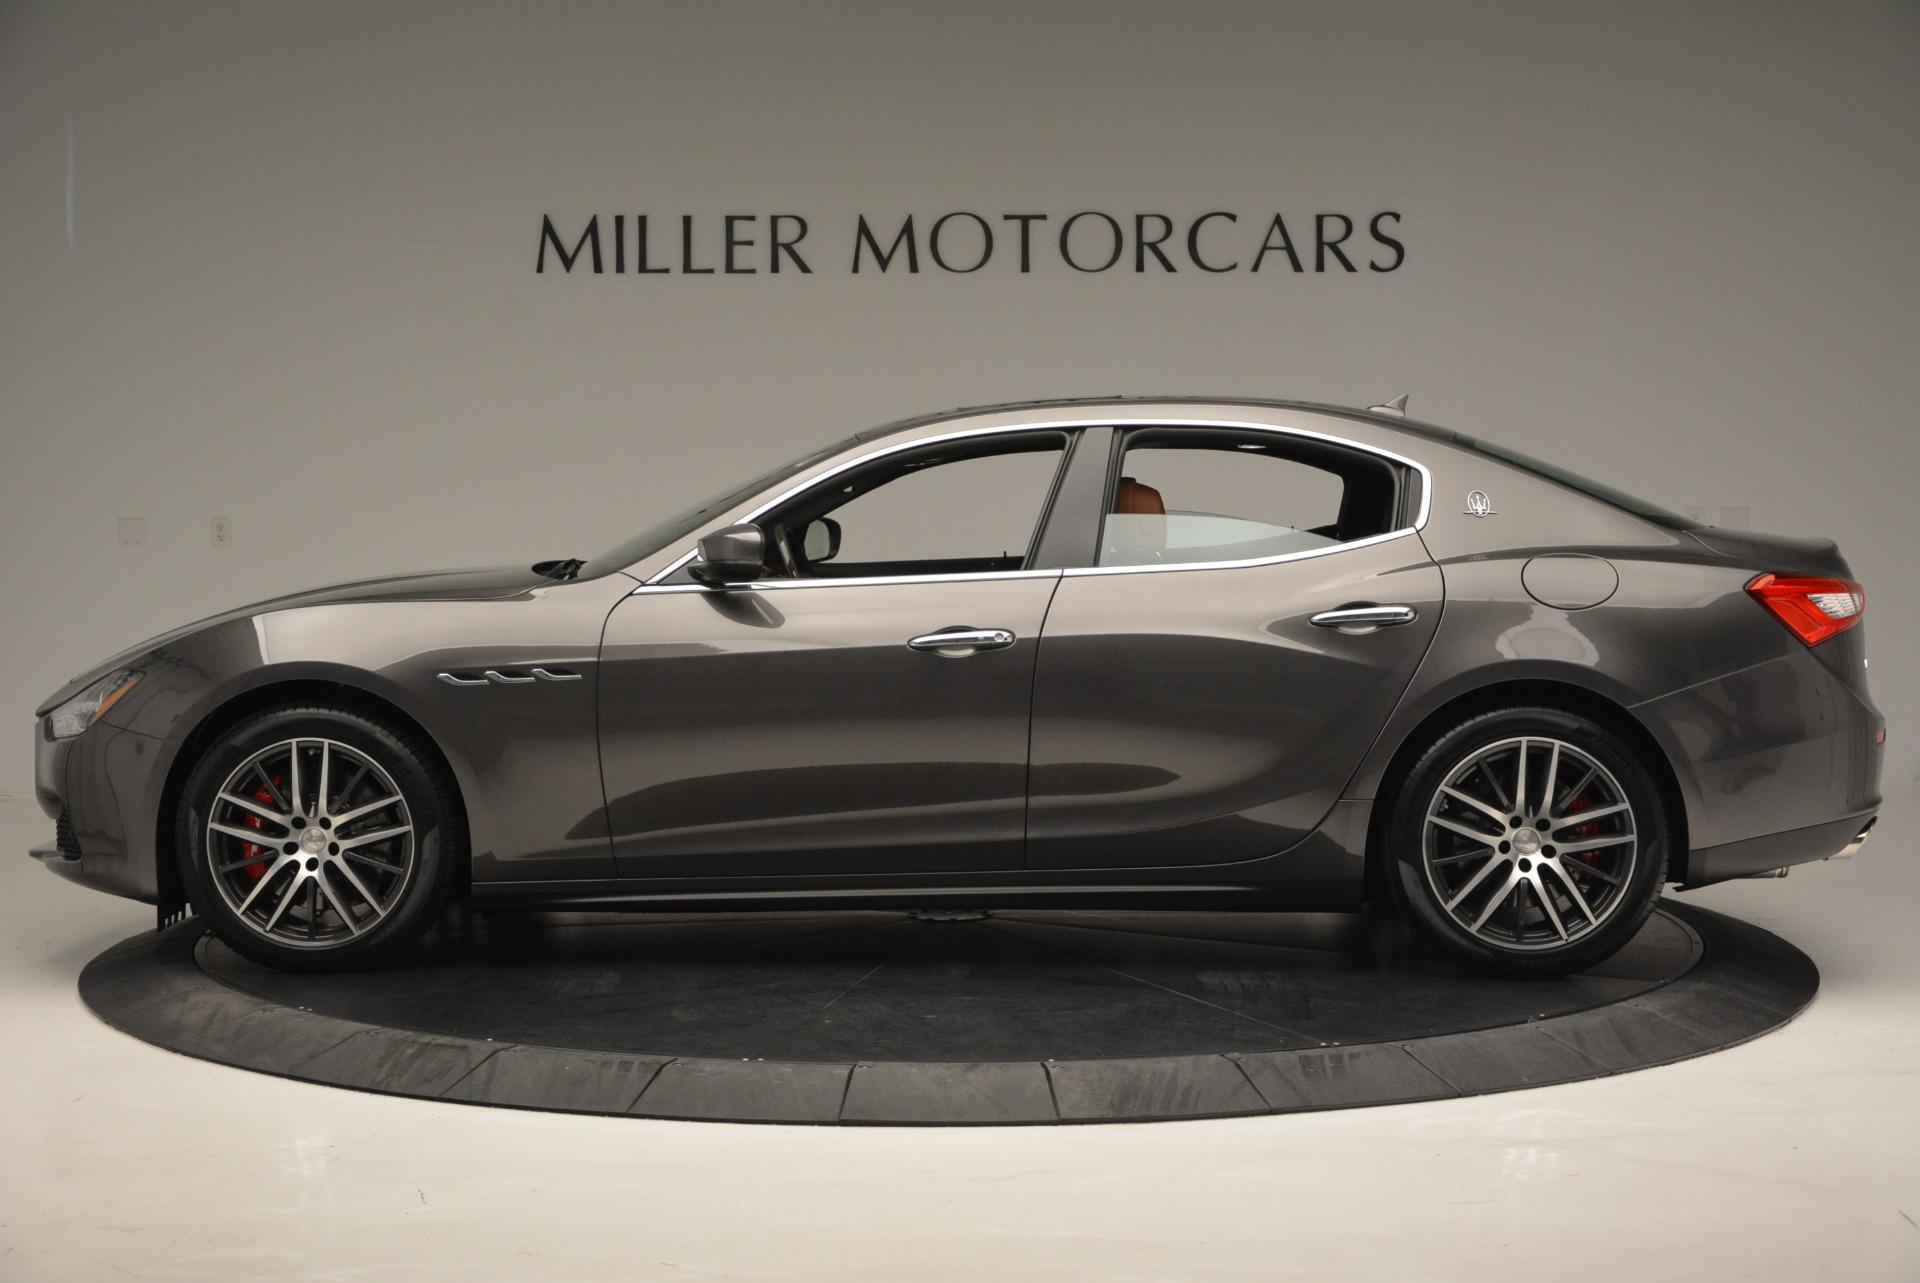 New 2017 Maserati Ghibli S Q4 For Sale In Greenwich, CT 573_p3